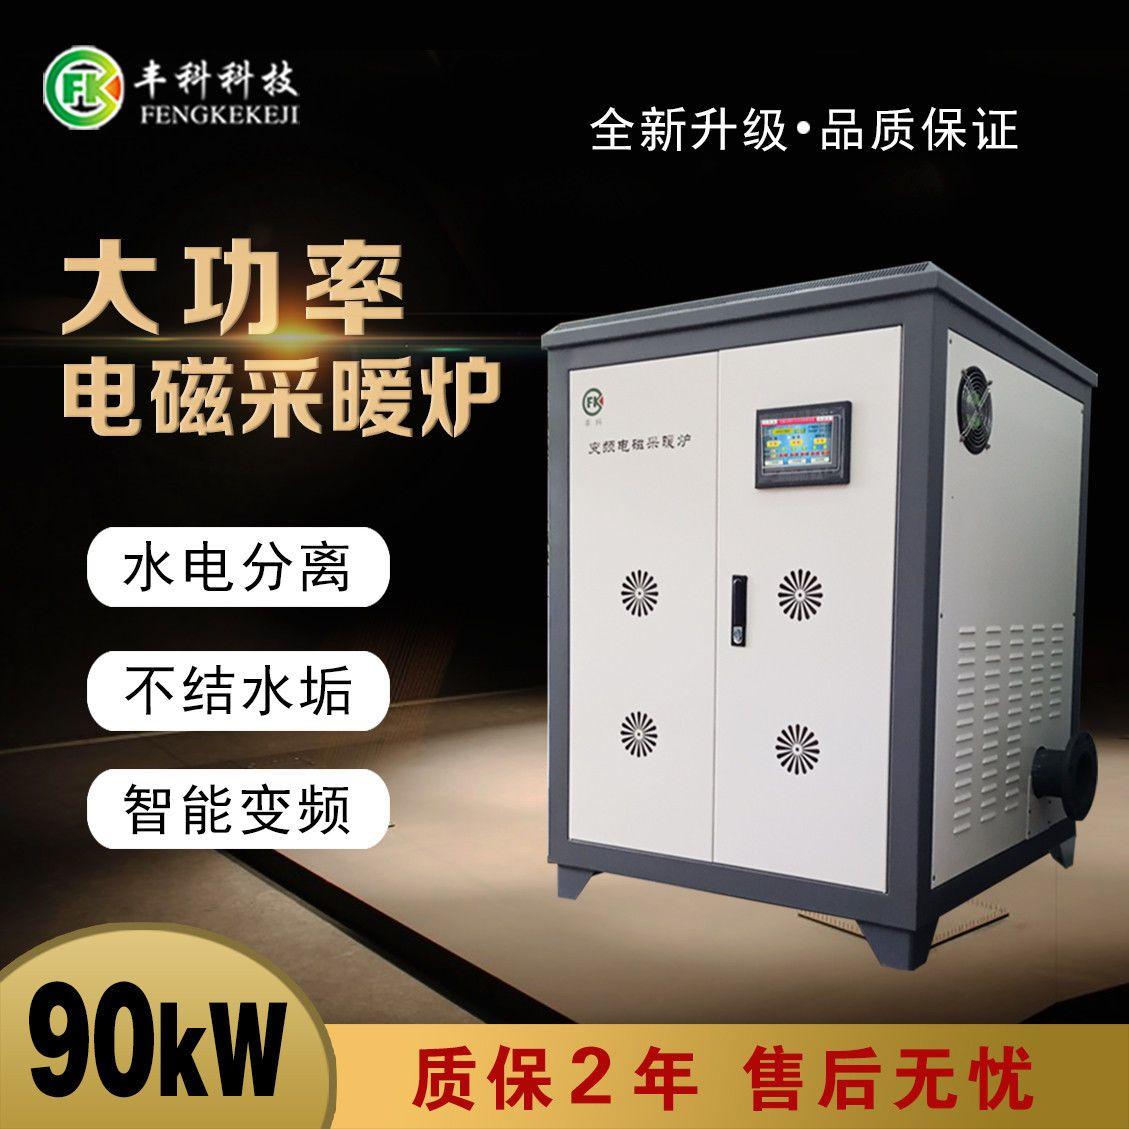 90KW变频电磁采暖全自动电锅炉智能控温取暖器节能省电暖风机